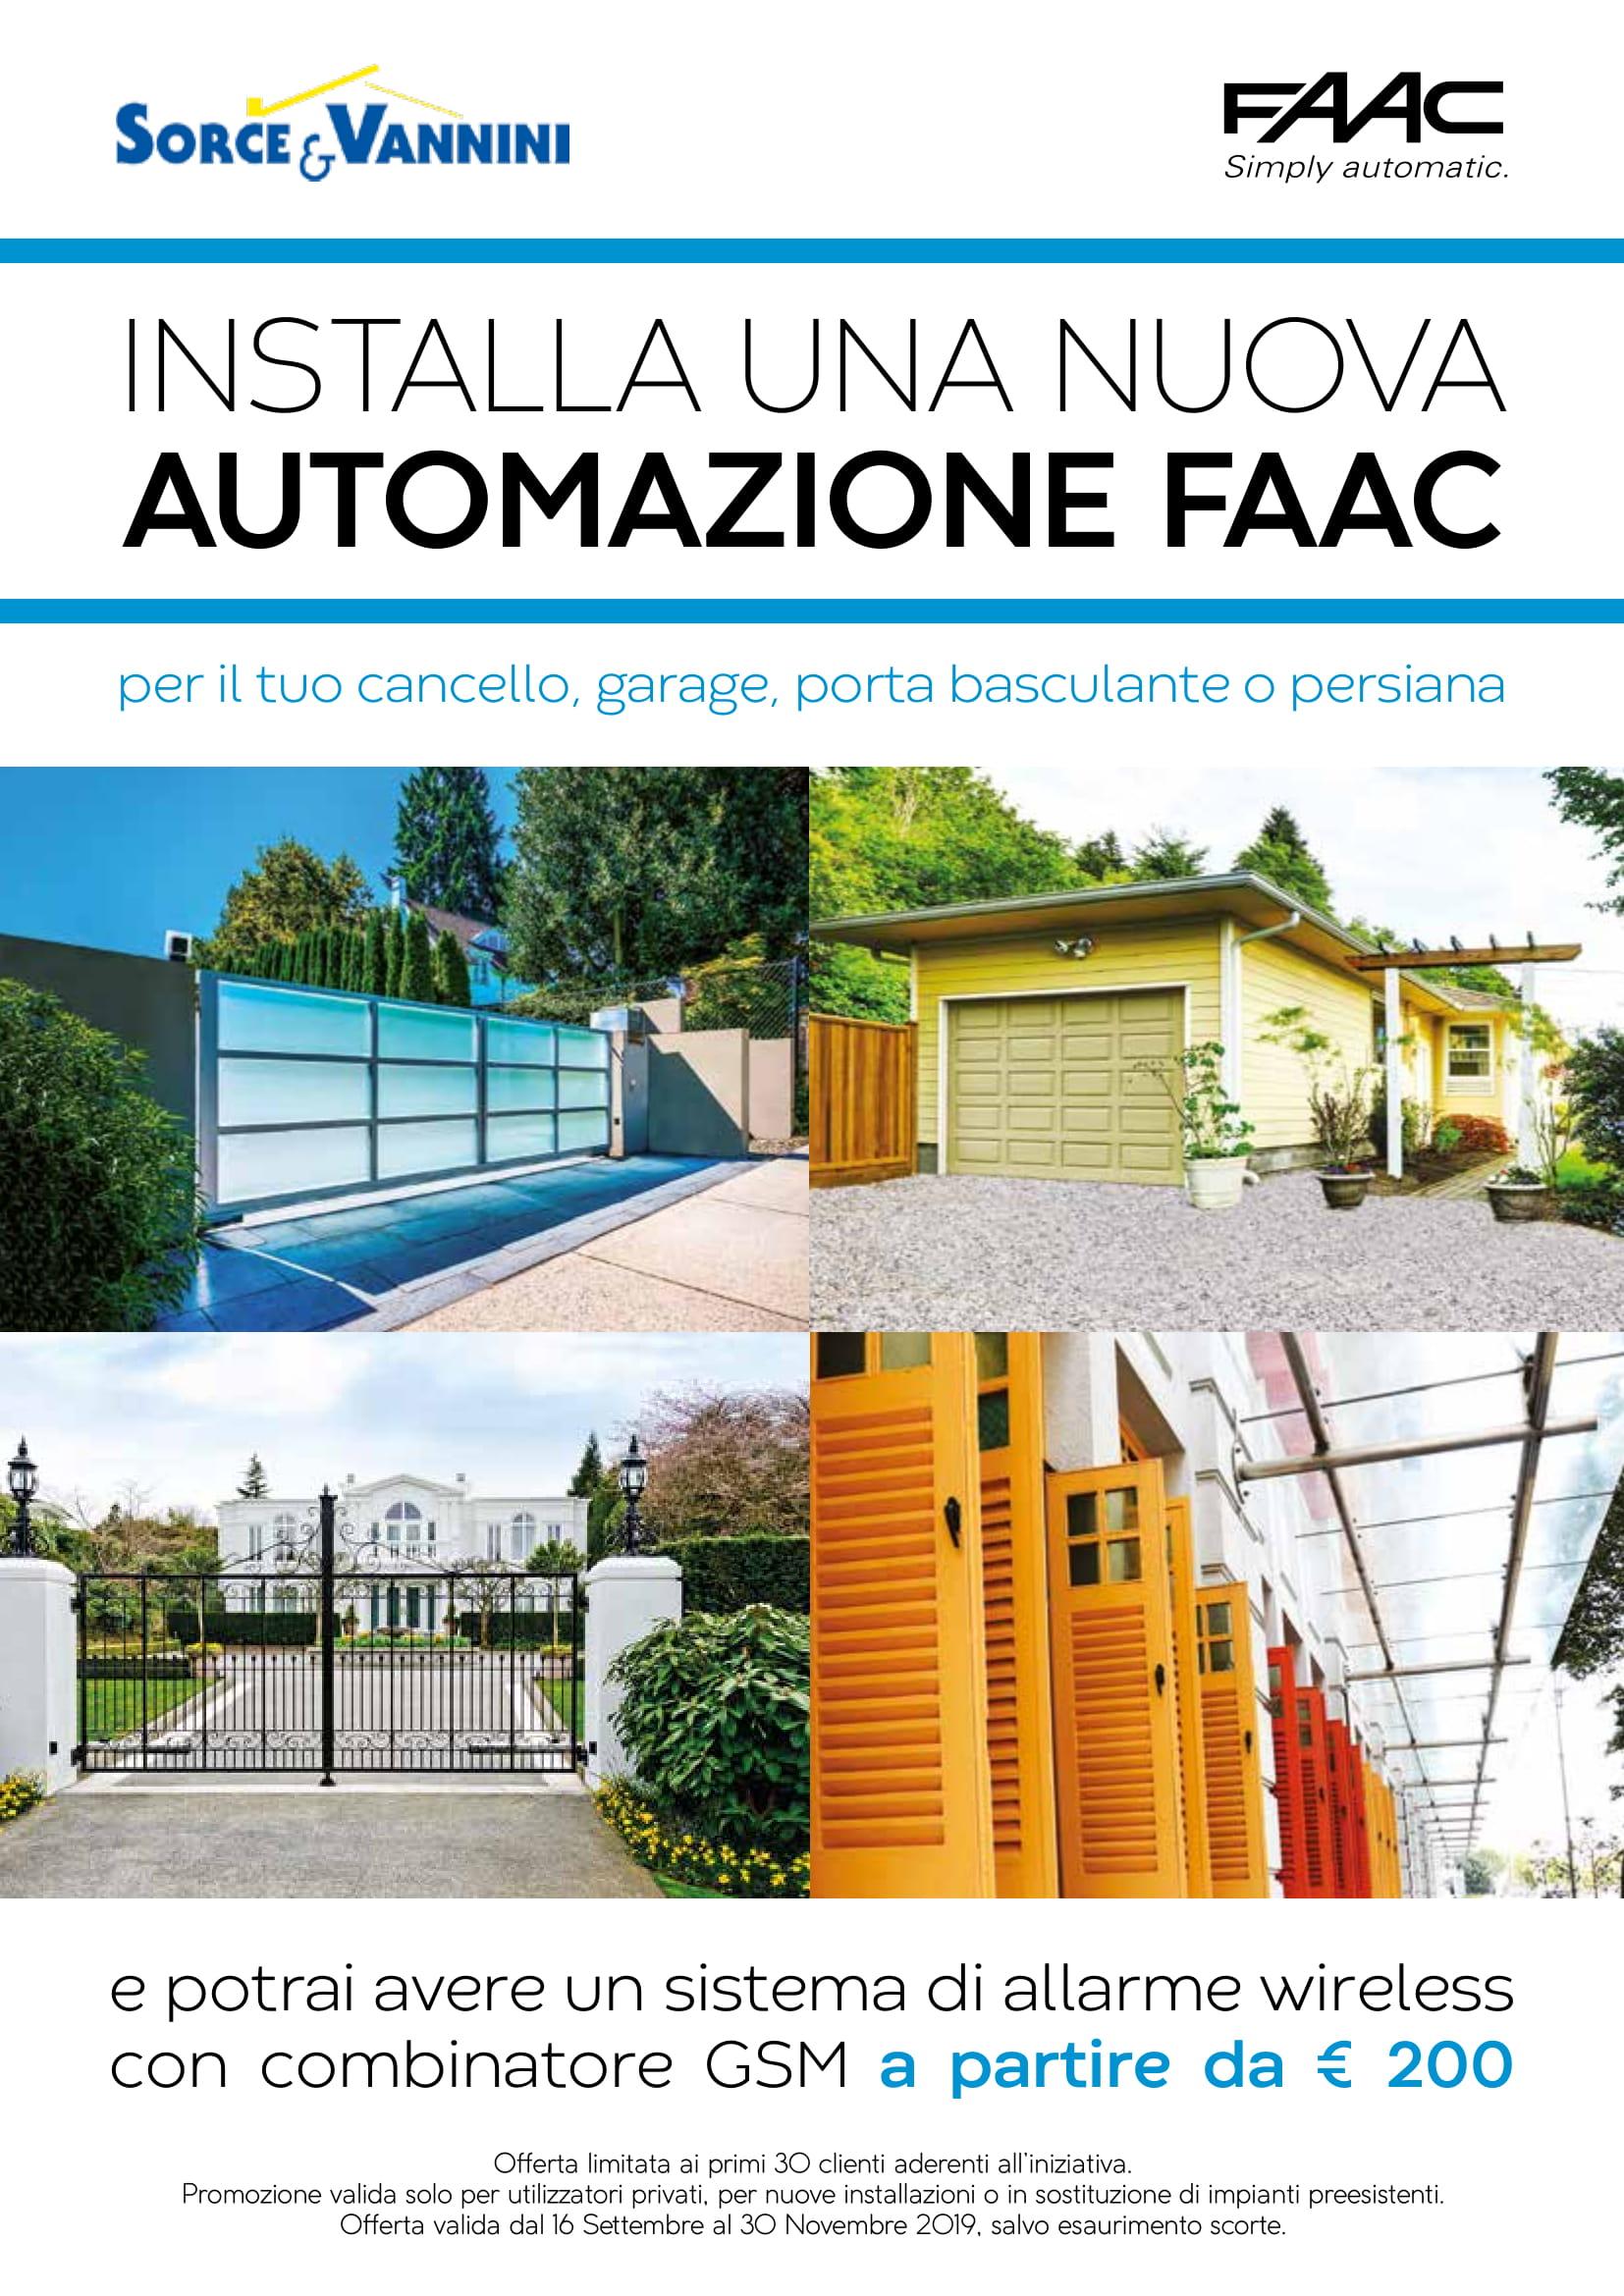 Promozione Sorce e Vannini FAAC 2019